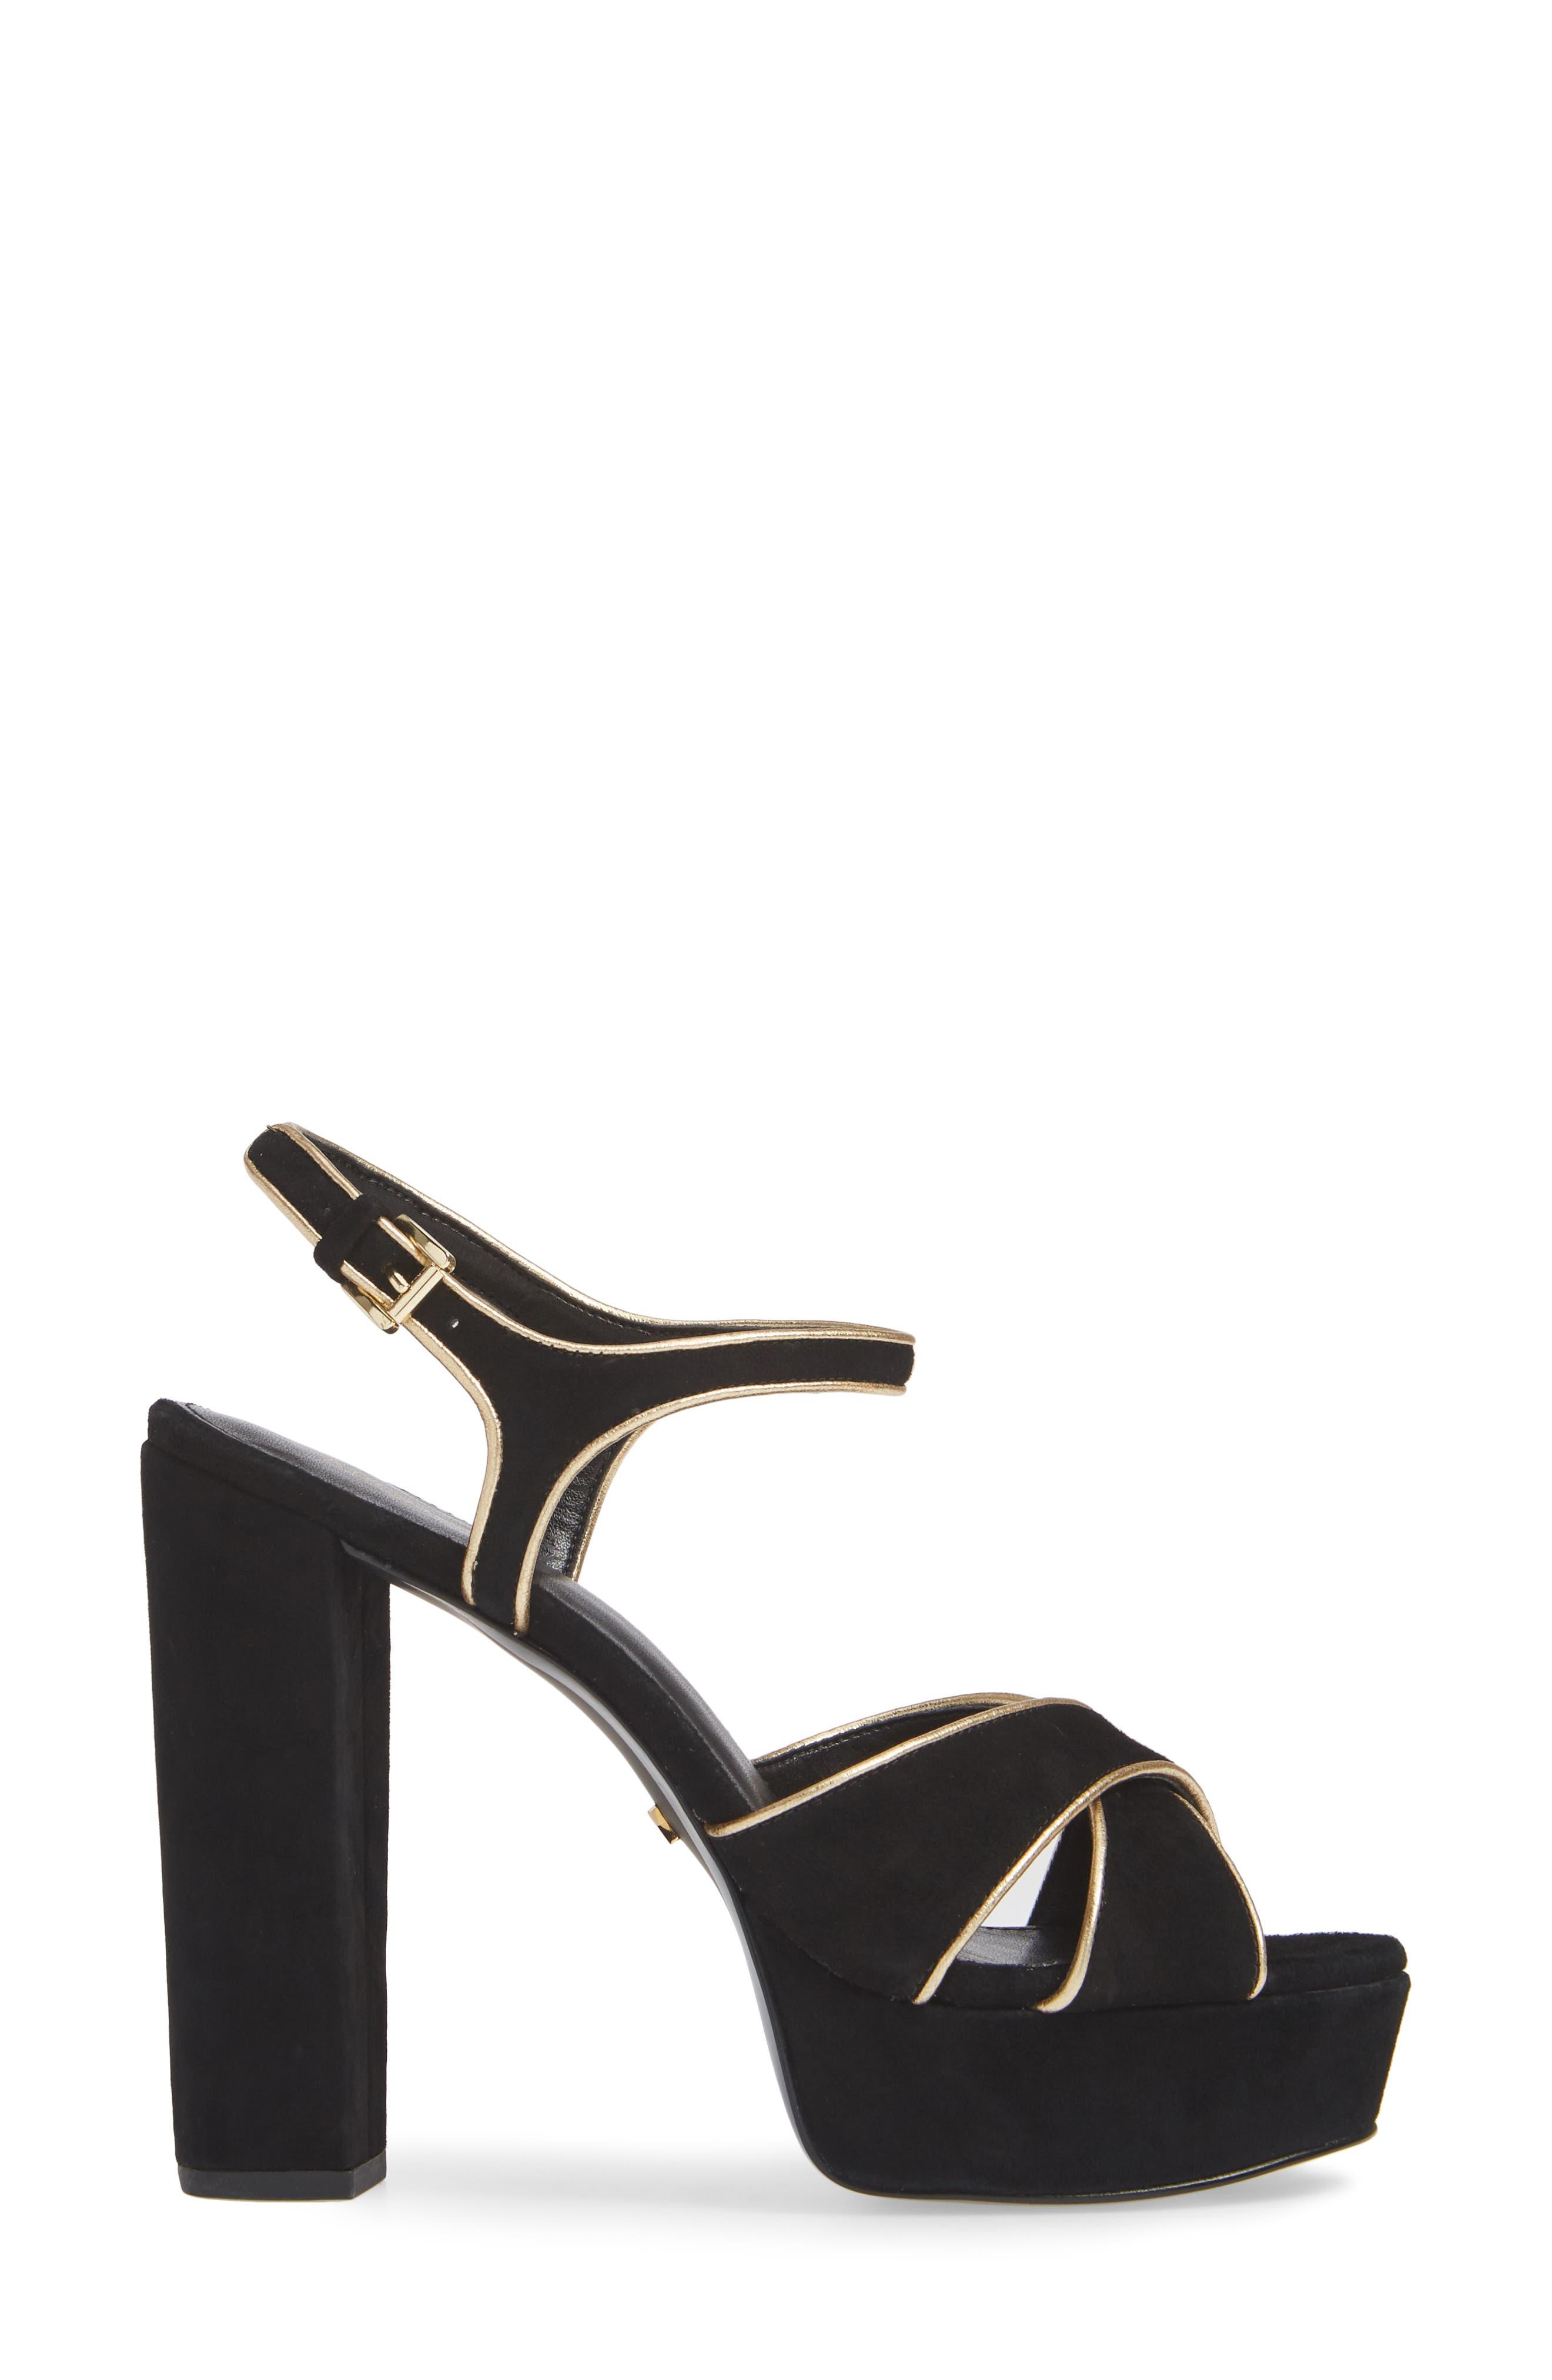 MICHAEL MICHAEL KORS, Lexie Platform Sandal, Alternate thumbnail 3, color, 001